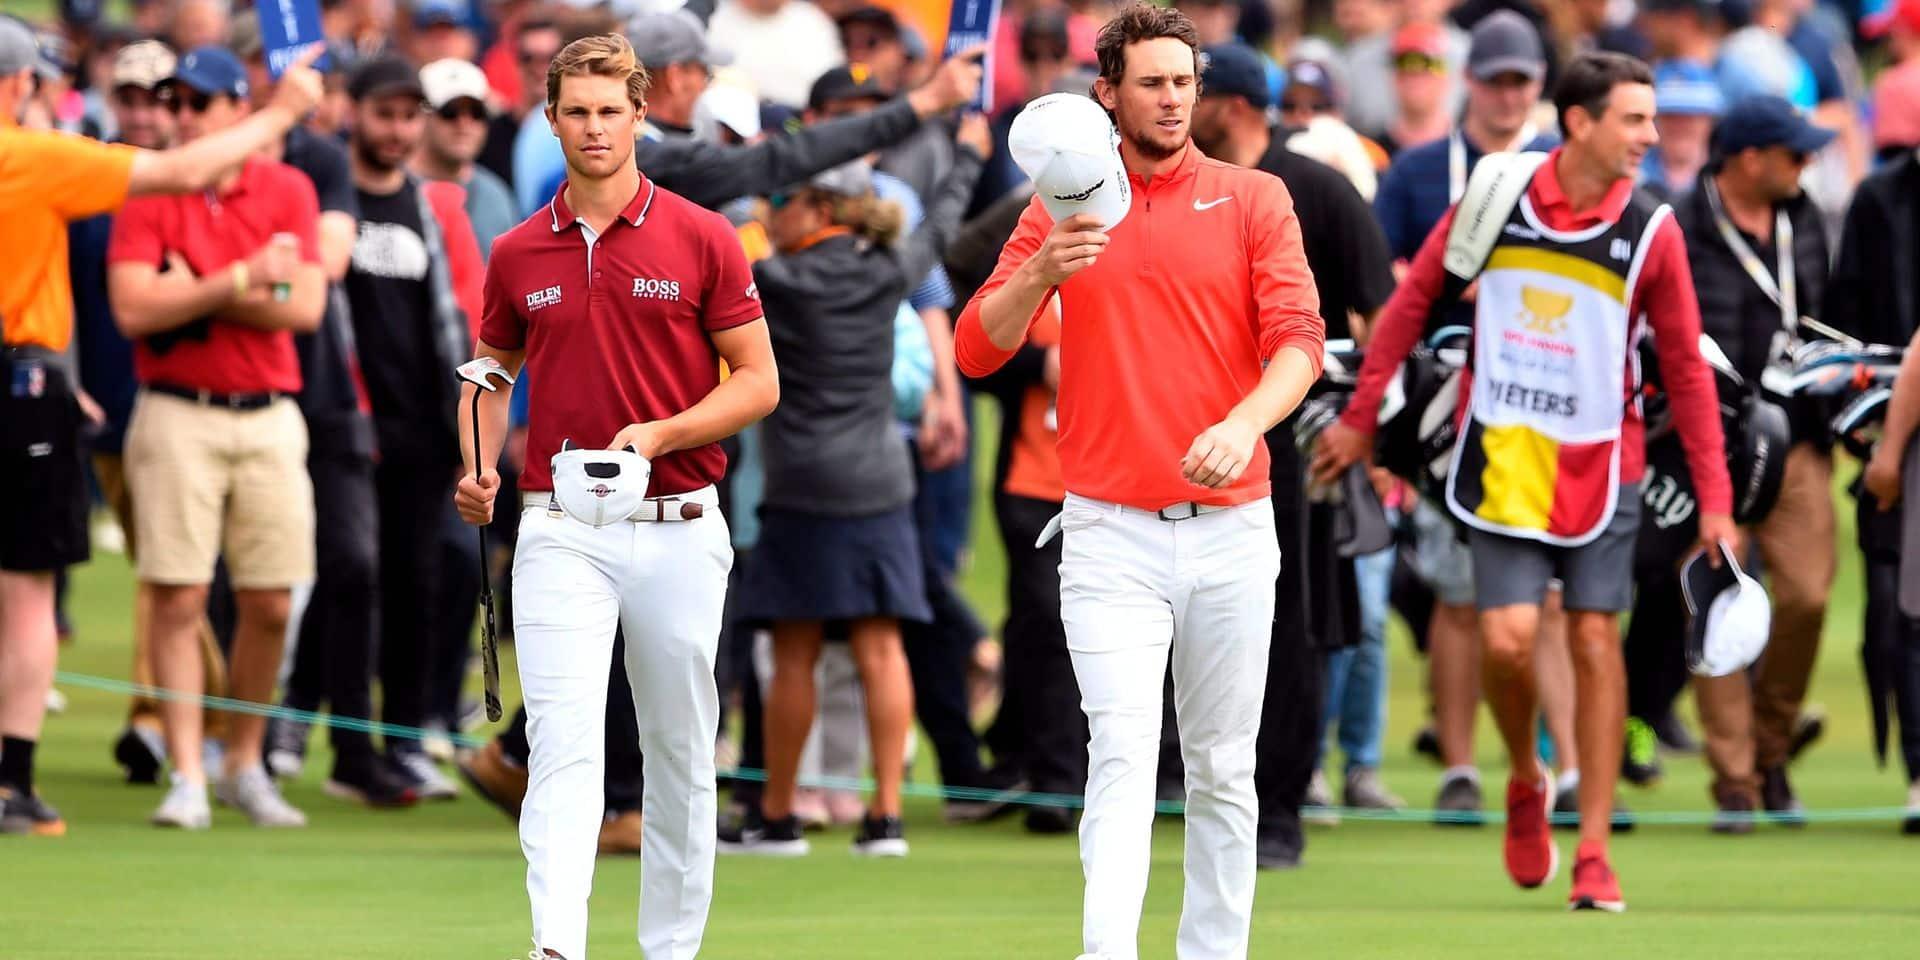 Le golf, un sport qui bouge